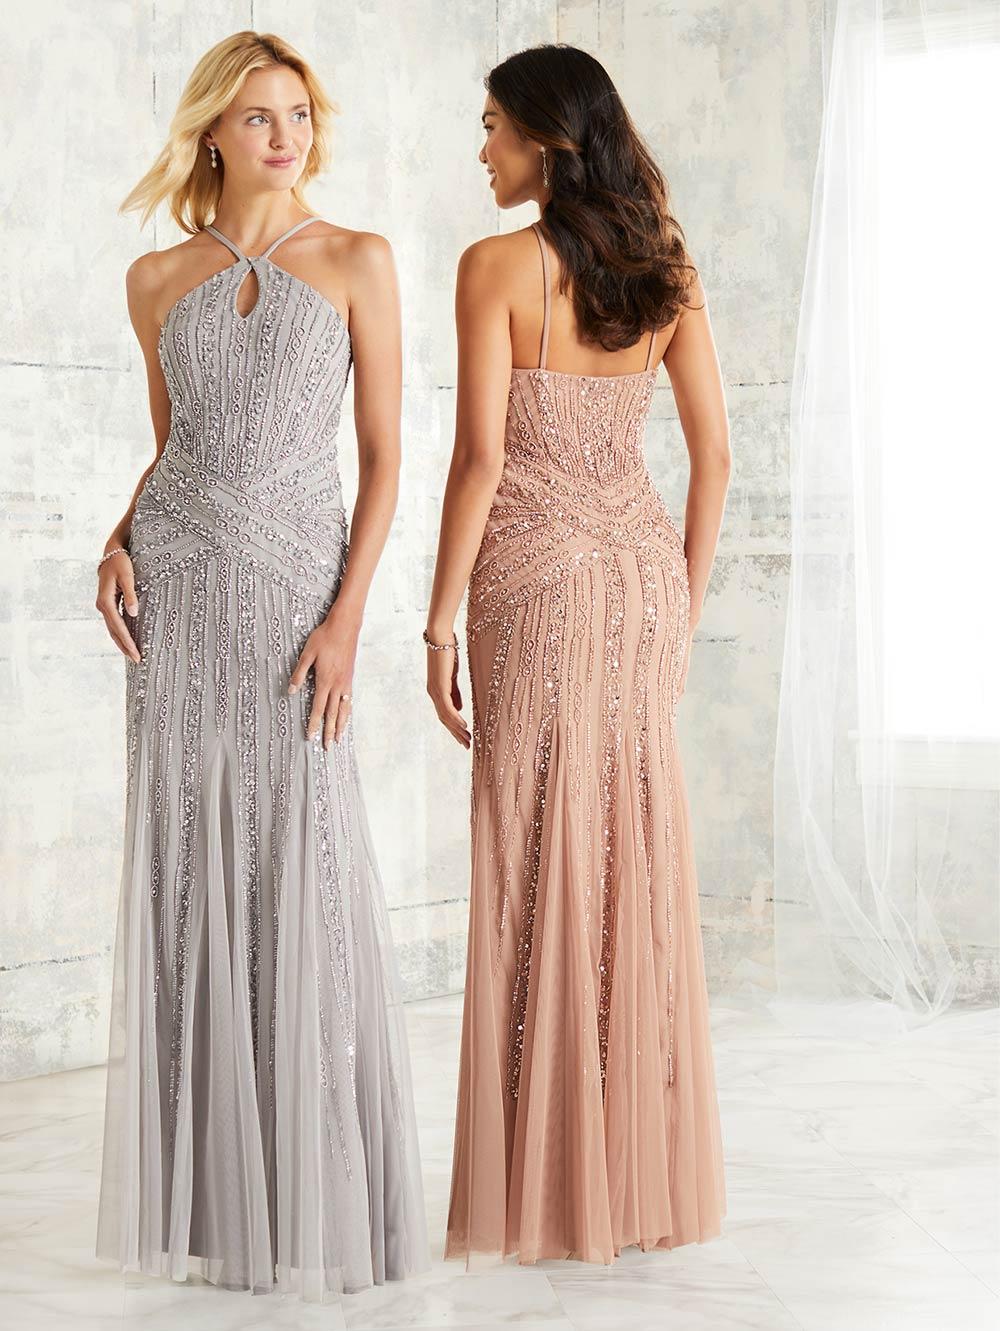 bridesmaid-dresses-adrianna-papell-platinum-27851